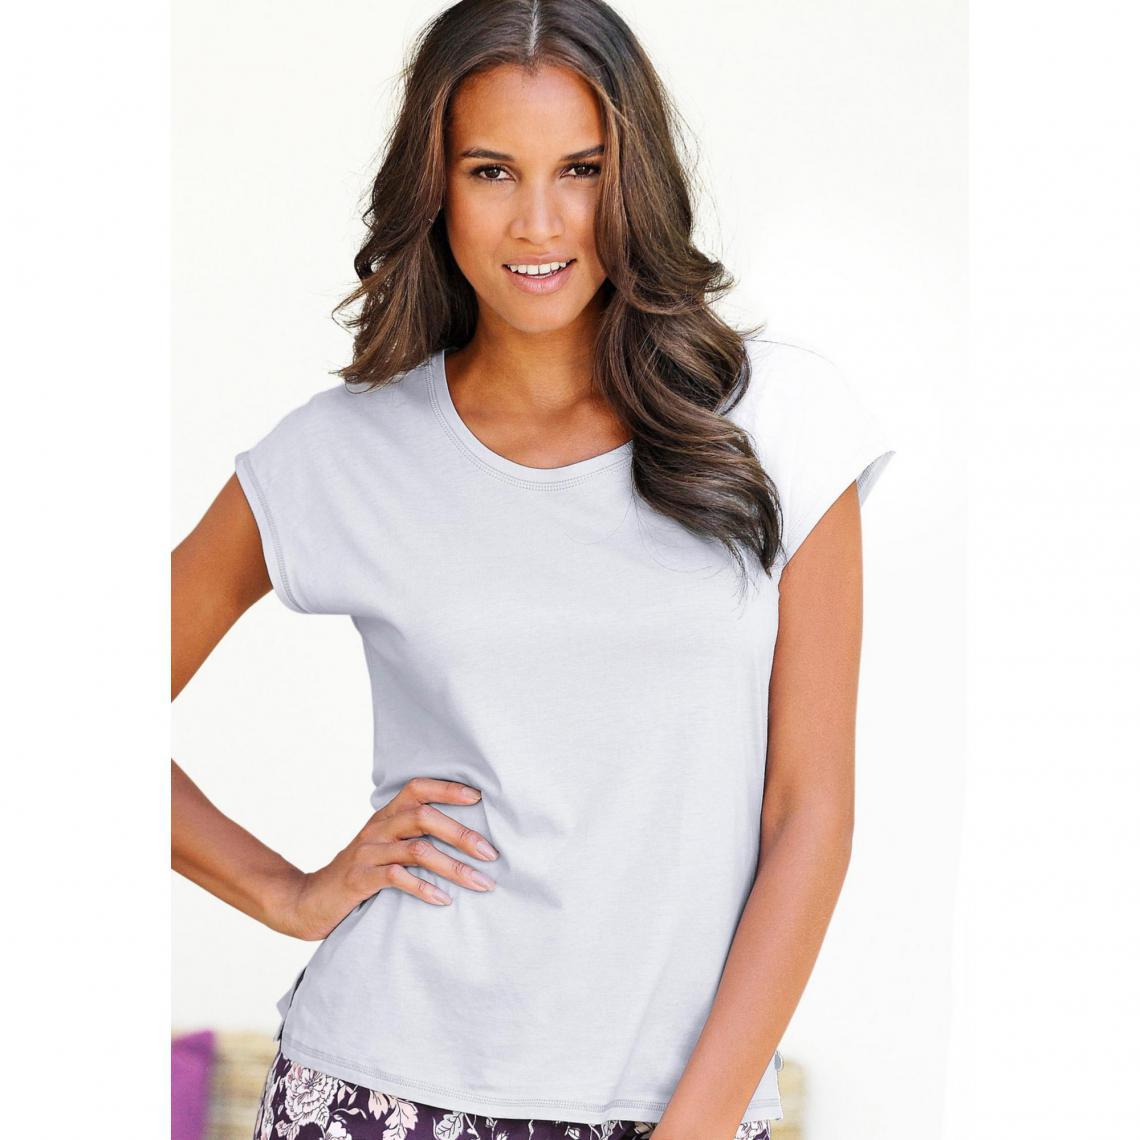 f59b1be48c140 Tee-shirt de pyjama à manches courtes femme Lascana - Gris Argent Lascana  Lingerie femme